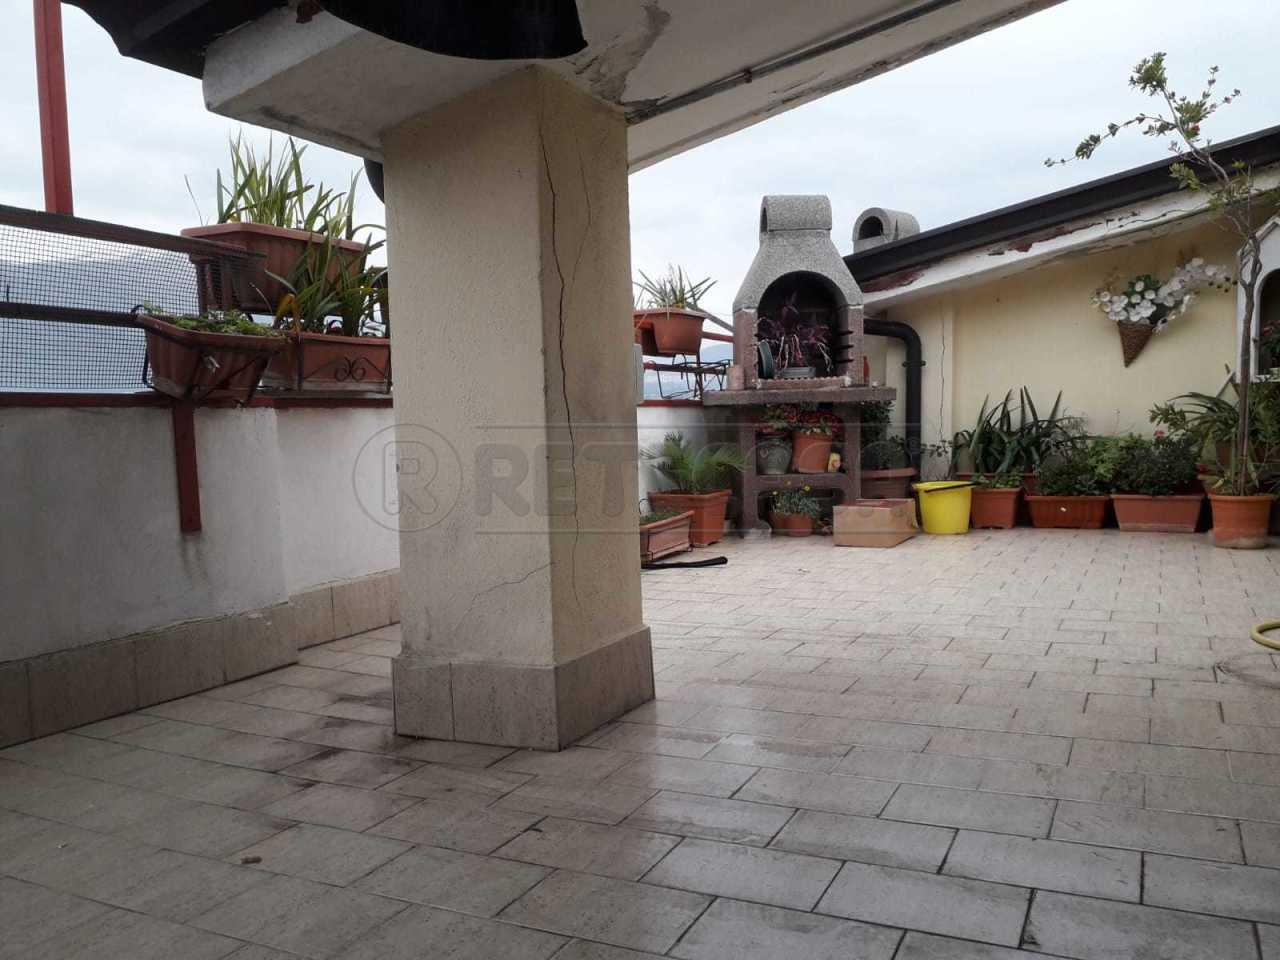 Attico / Mansarda in buone condizioni in vendita Rif. 9173713